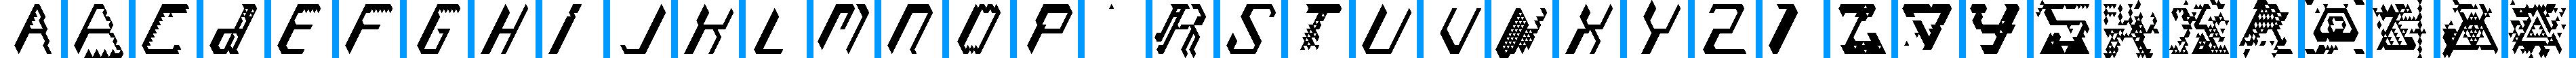 Particip-a-type v.265